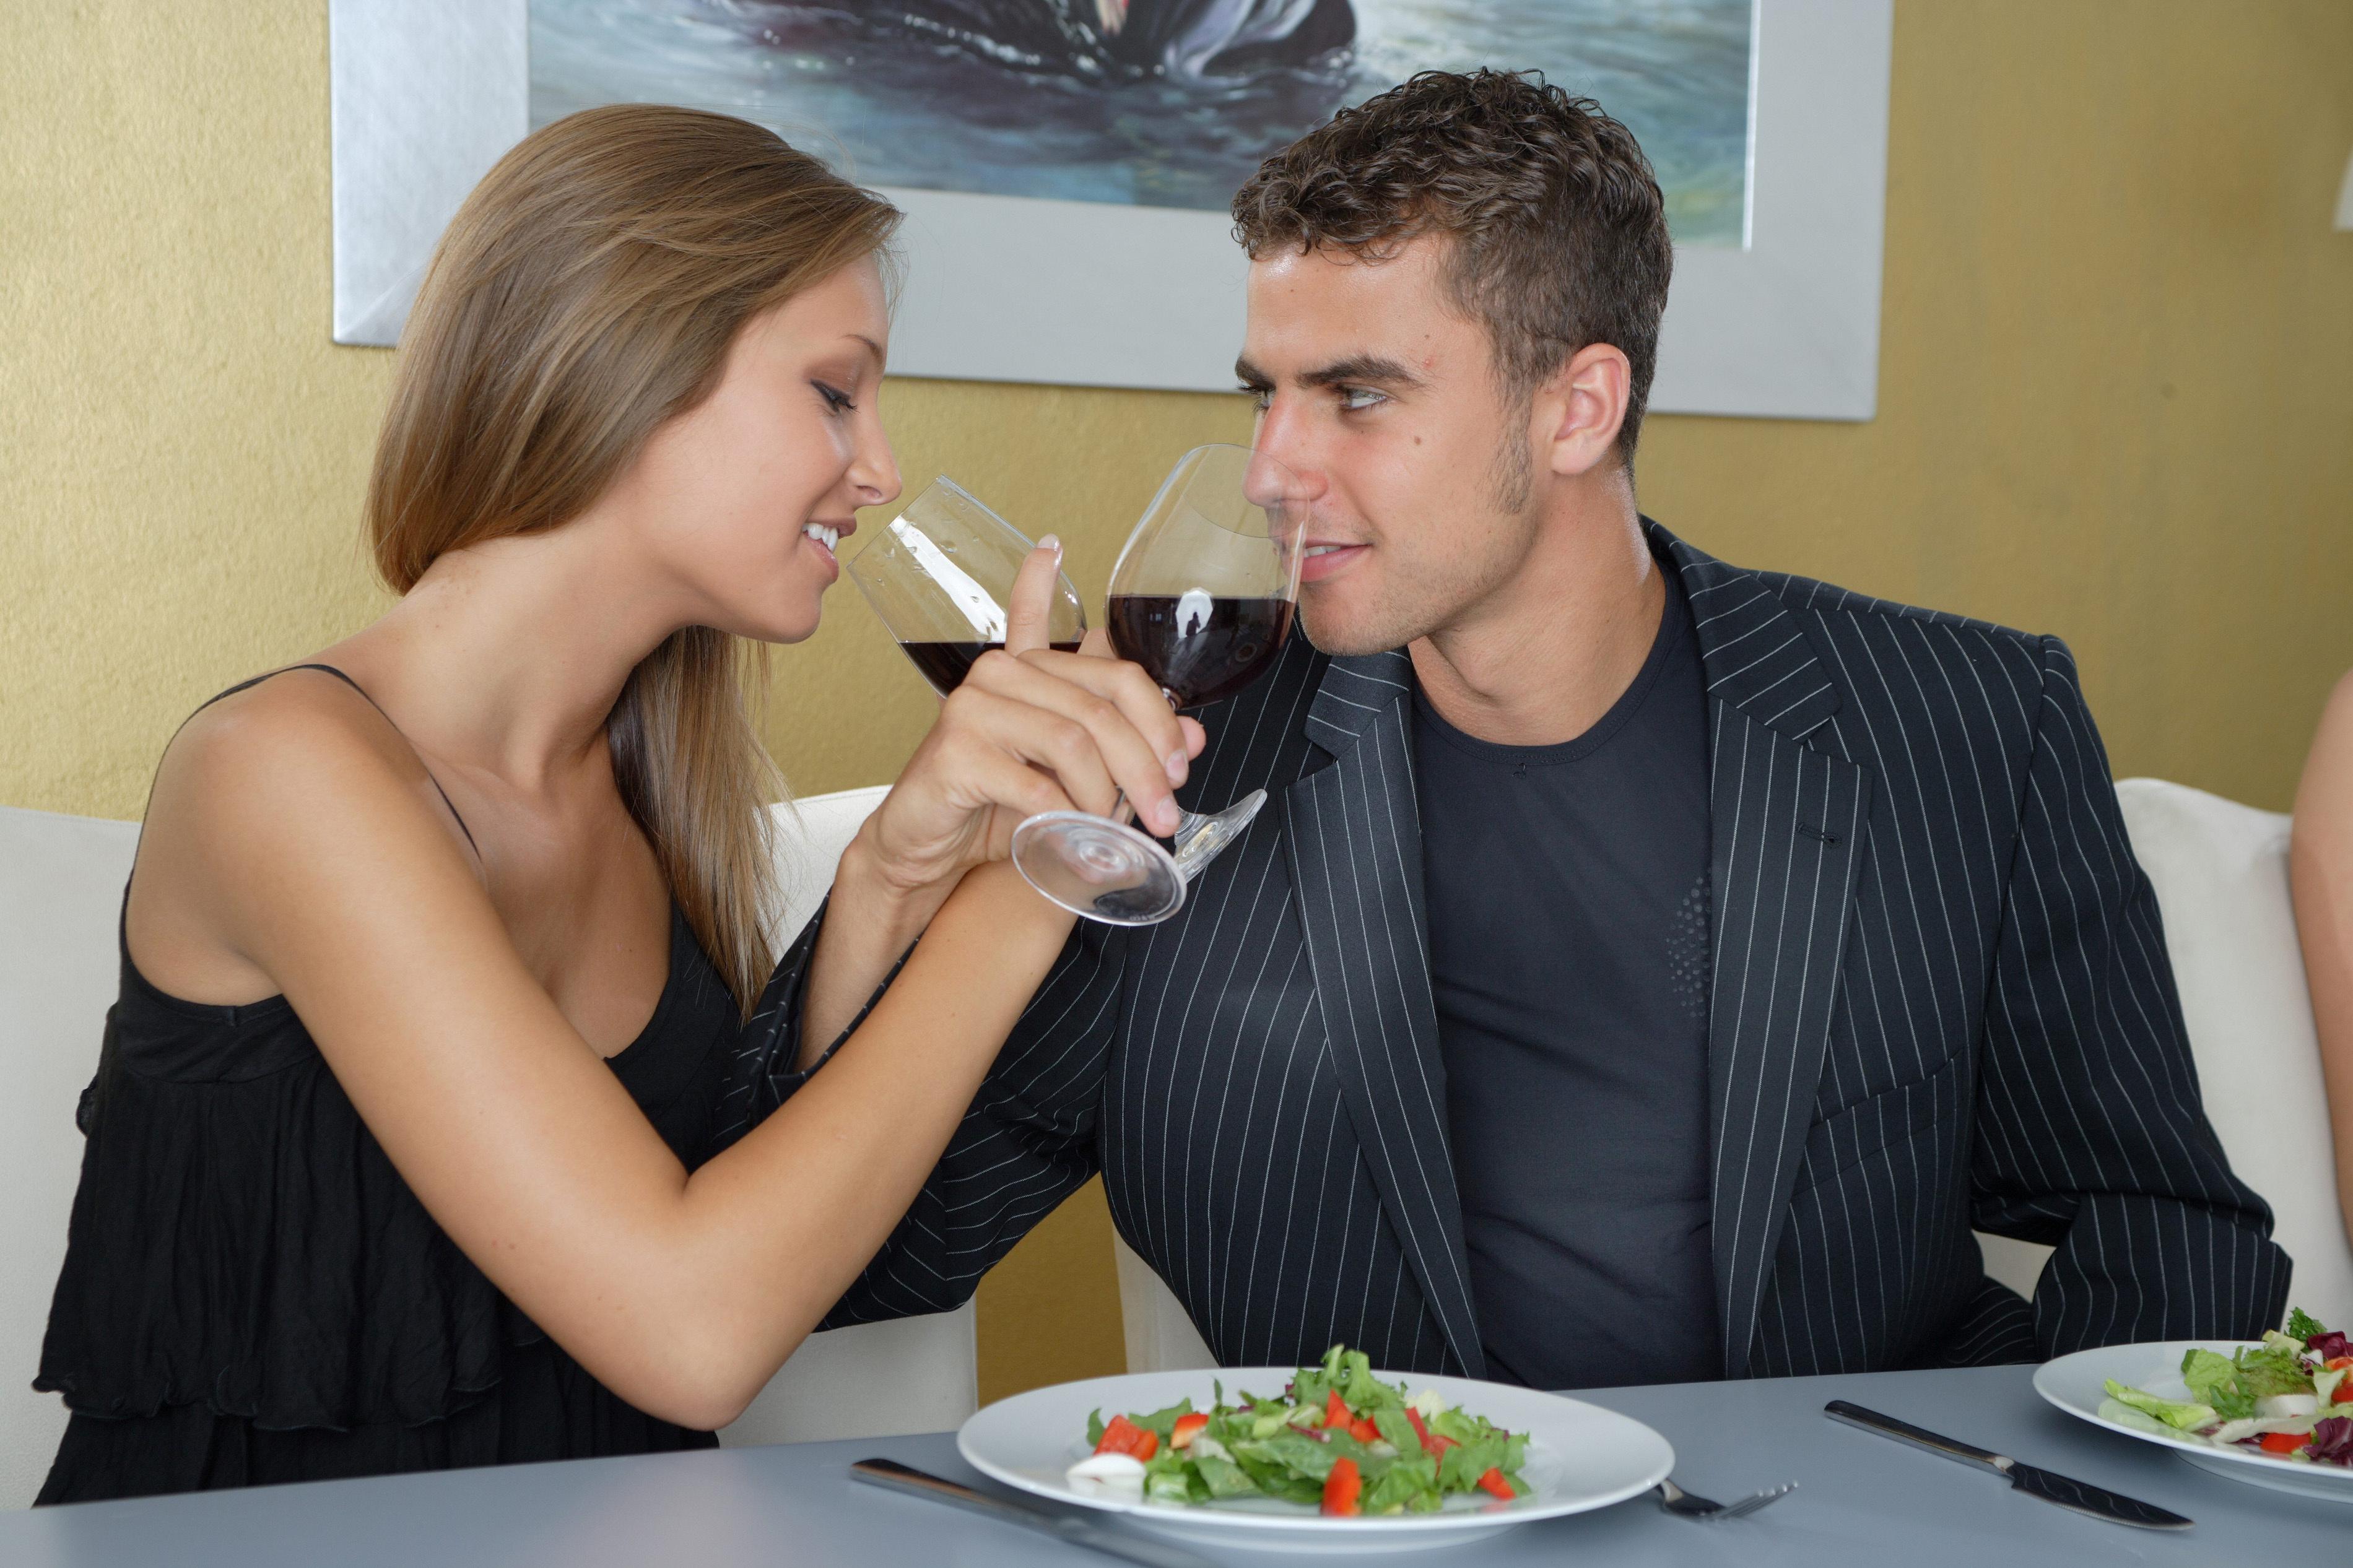 Жена с нужен пригласили девочку для секса фото 497-625